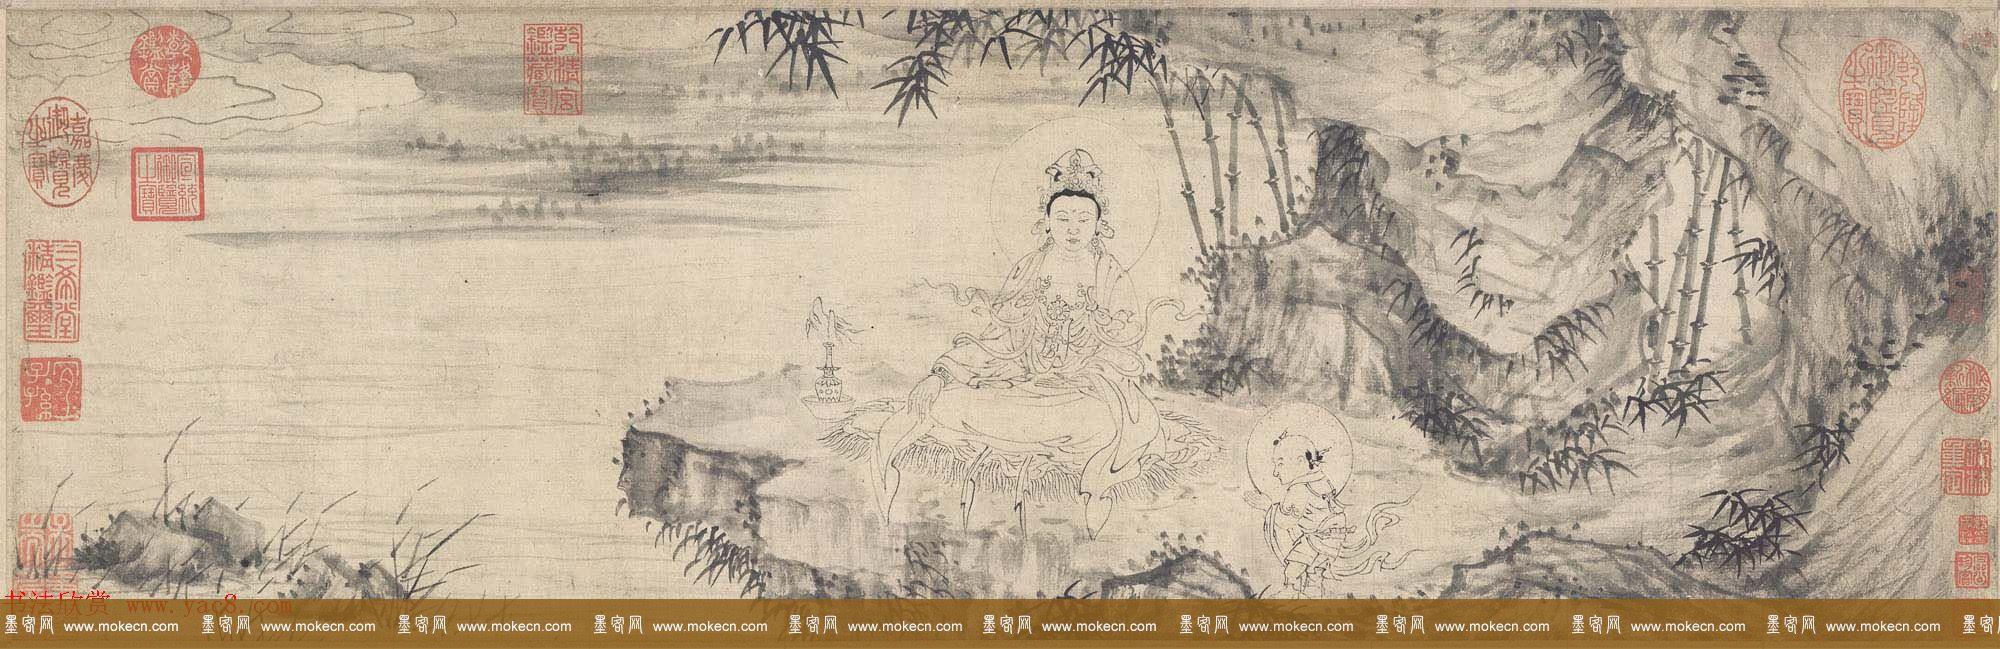 王绂书法字画欣赏《画观音书金刚经合壁》全卷